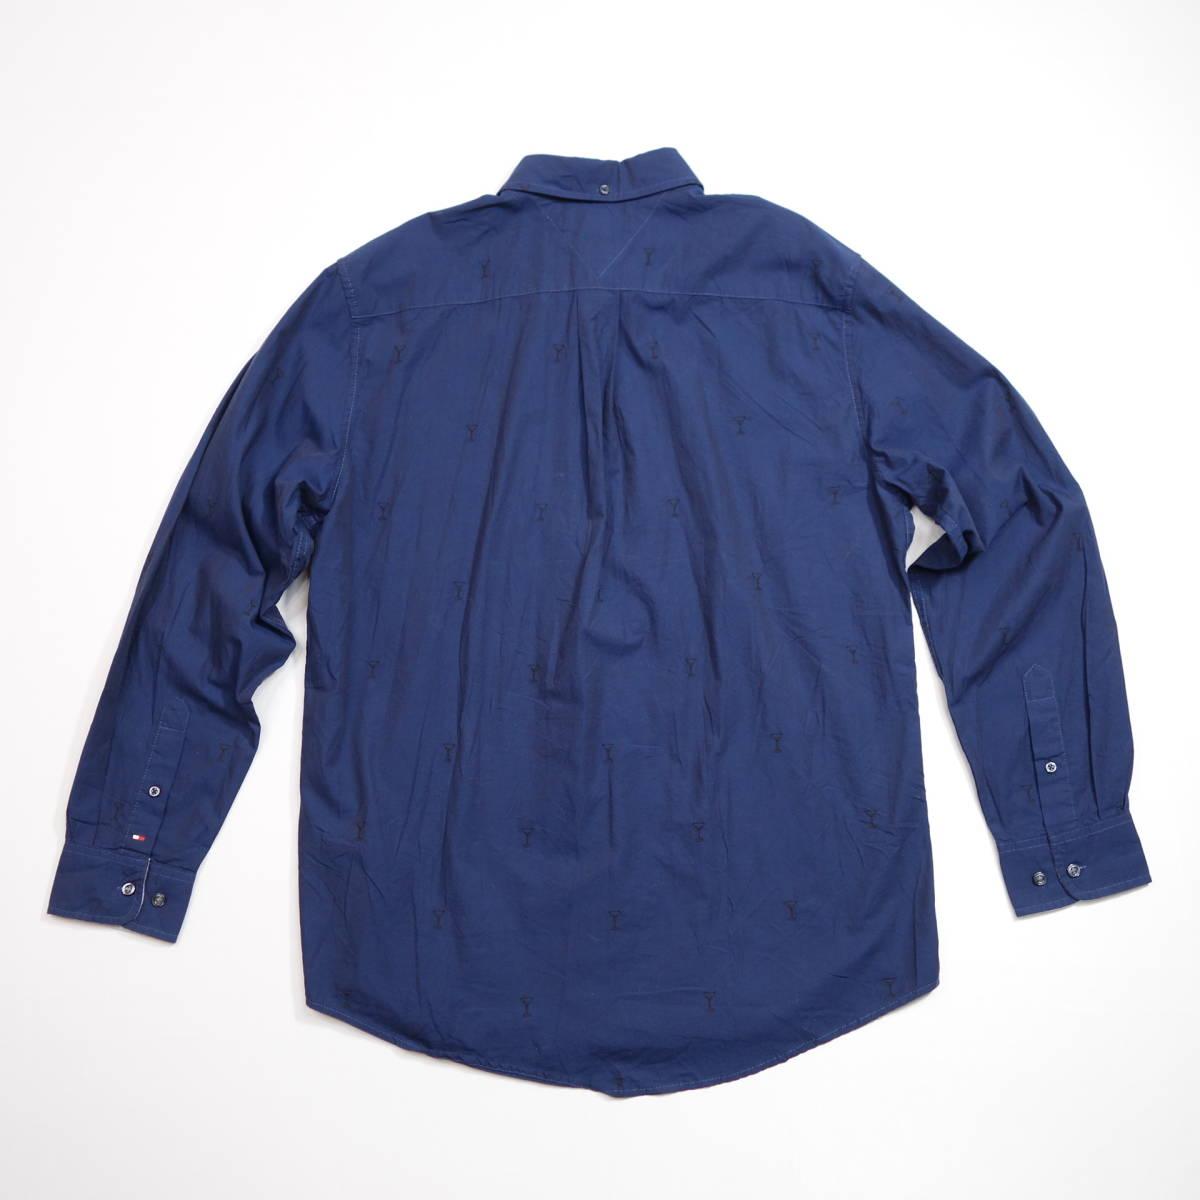 トミーヒルフィガー TOMMY パターンシャツ カクテルグラス柄シャツ 長袖 メンズ L ボタンダウン カジュアル USA直輸入 古着 MTH-3-5-0005_画像8